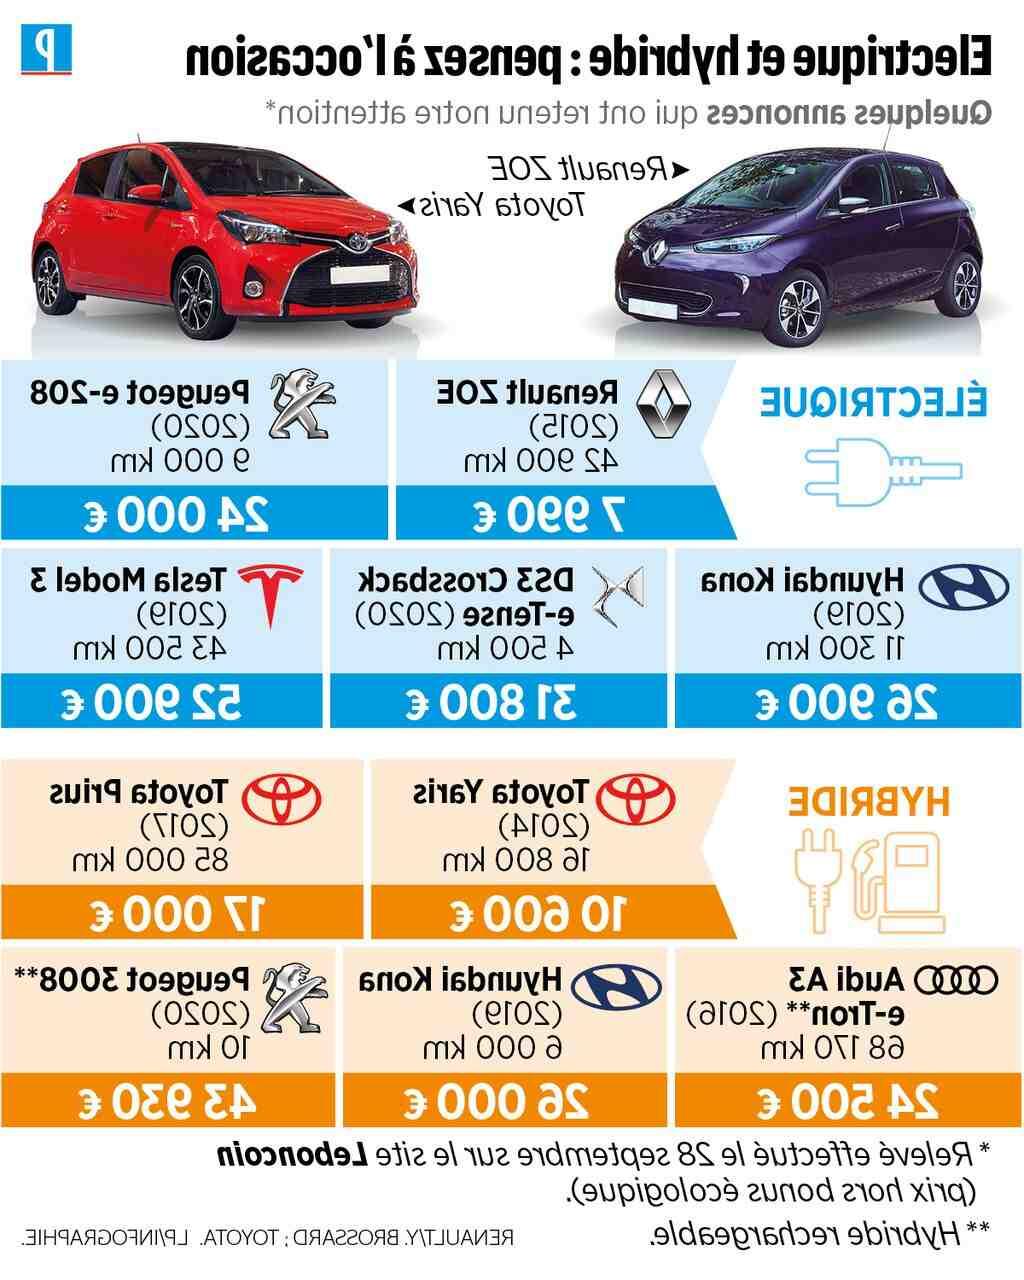 Comment négocier le prix d'une voiture particulière?